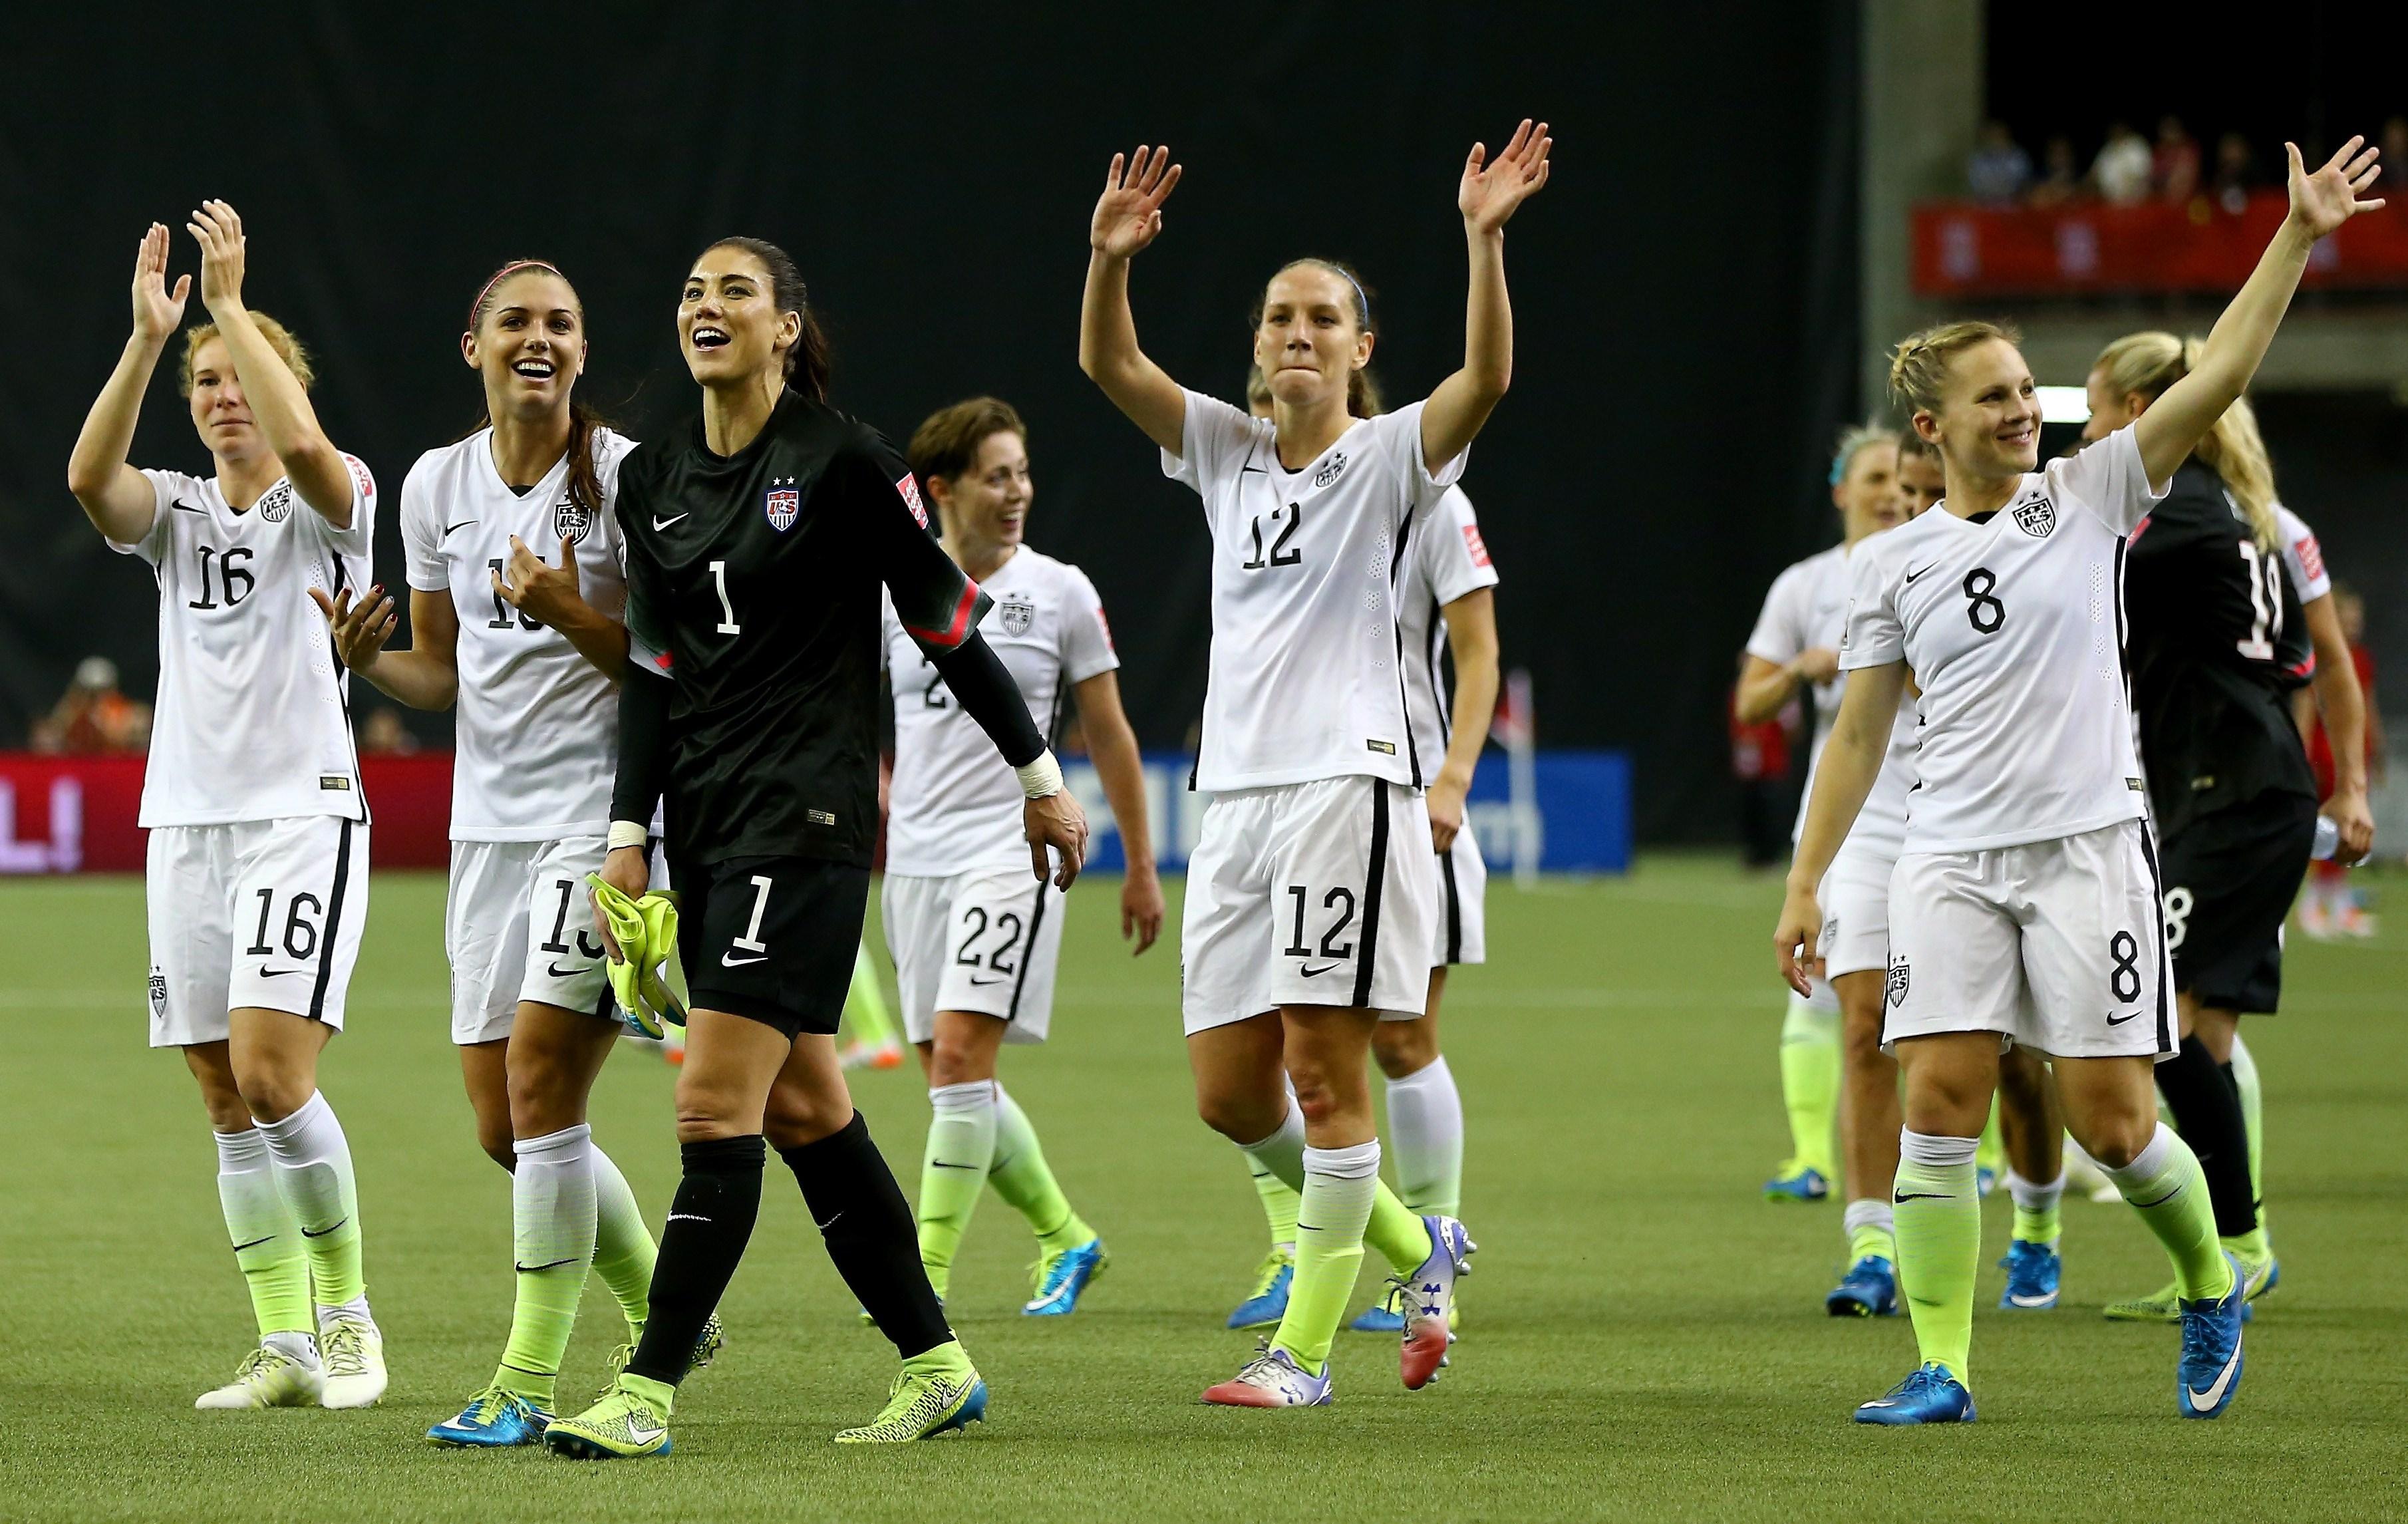 Les etats unis retenteront leur chance en finale coupe du monde football - Coupe du monde etats unis ...